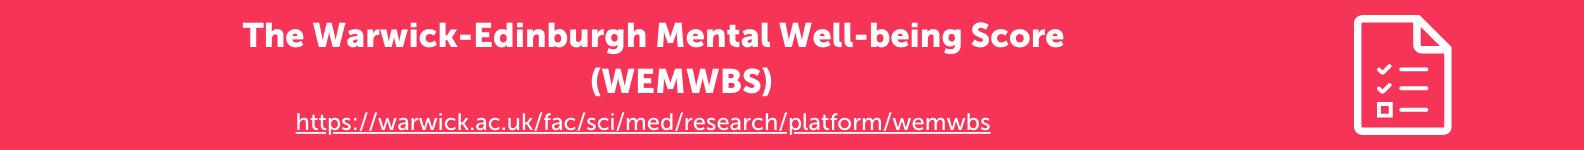 The Warwick-Edinburgh Mental Well-being Score (WEMWBS)